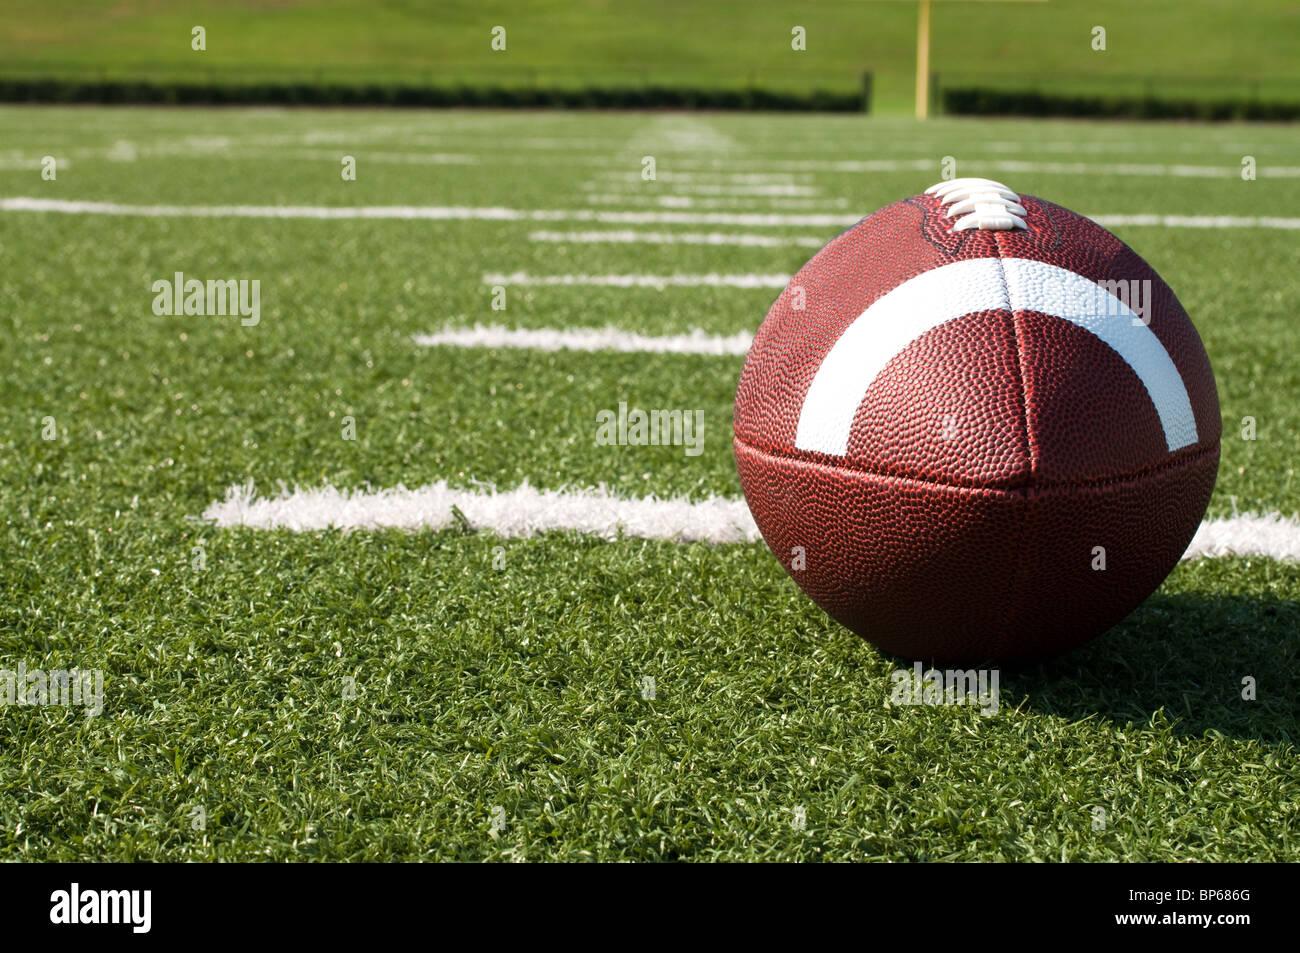 Primo piano del football americano sul campo. Immagini Stock